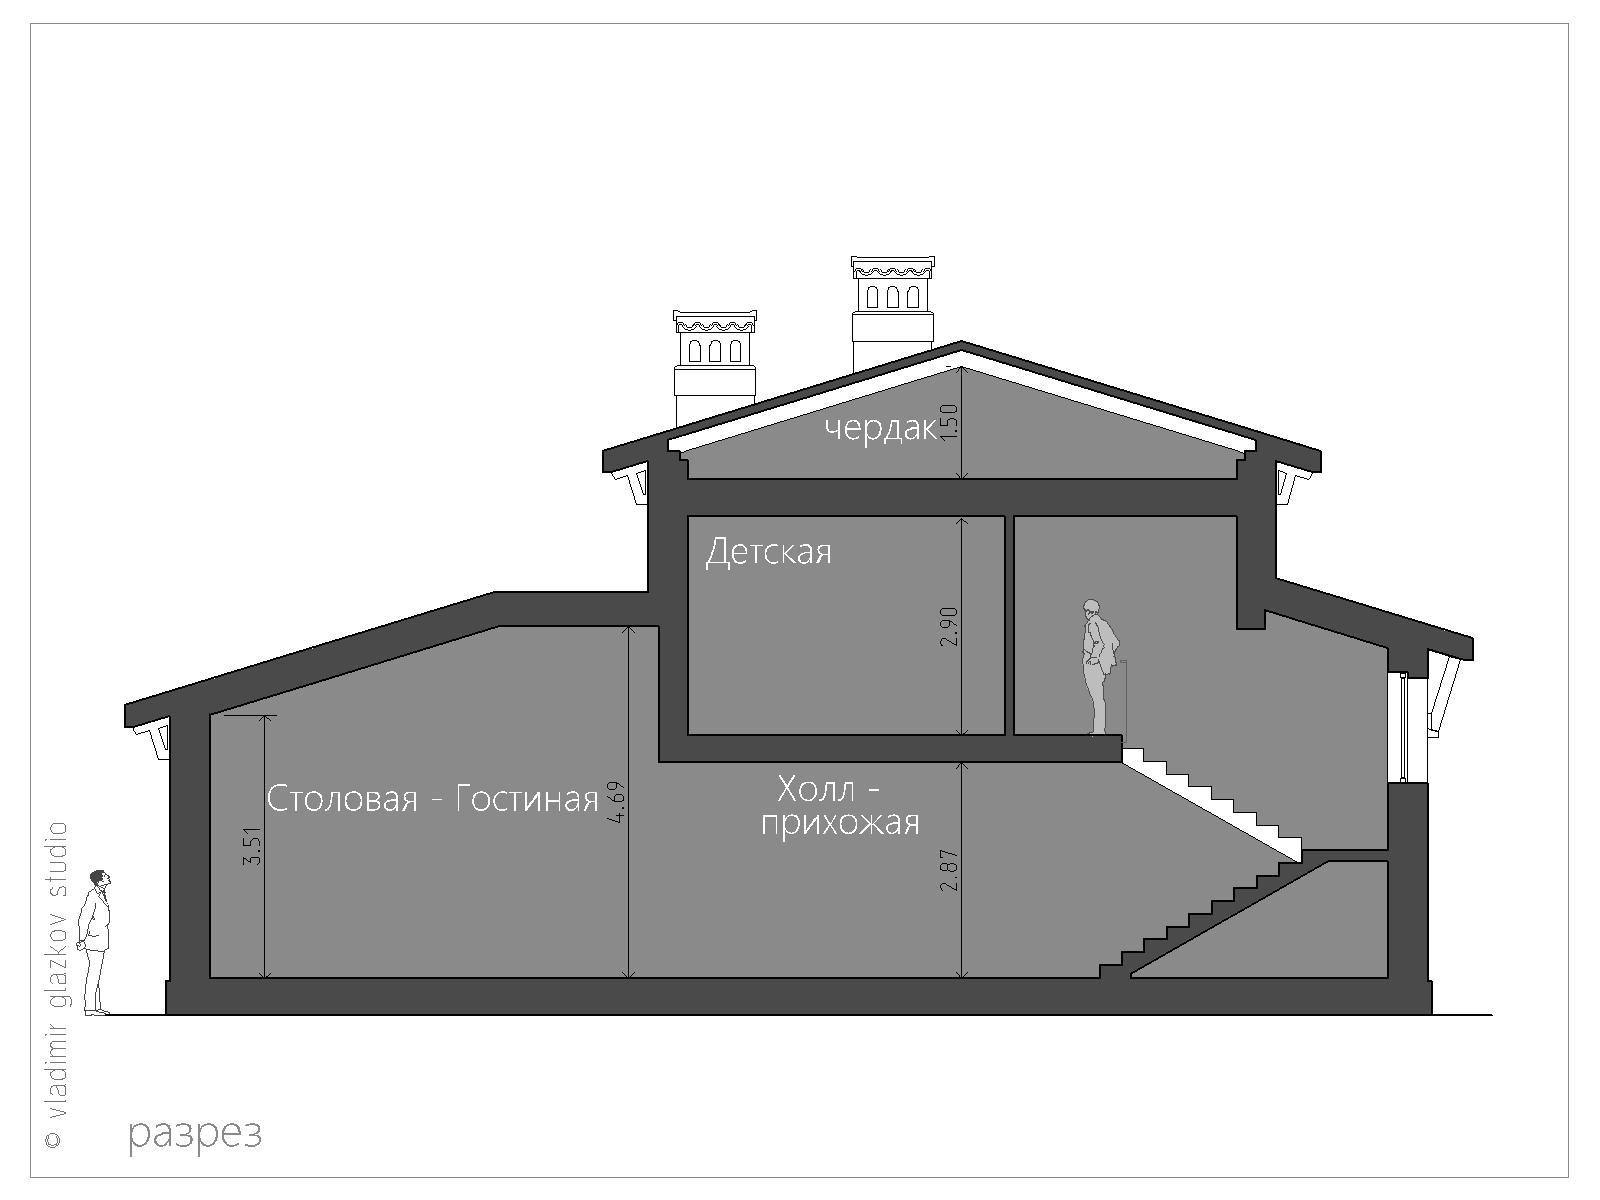 Проект дома в Средиземноморском стиле с террасами панорамными окнами, разрез